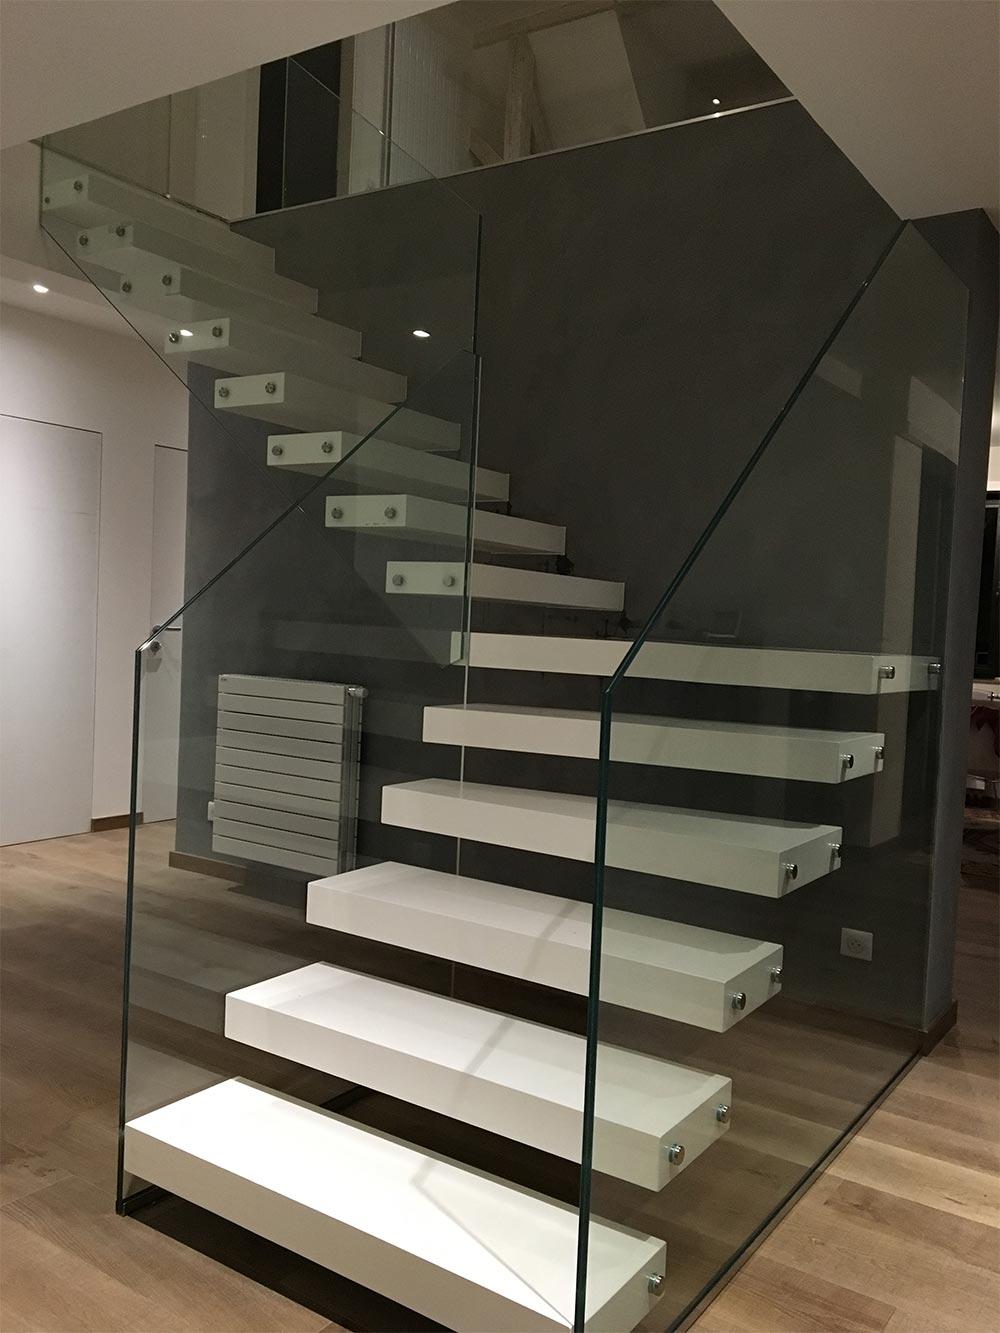 achat escalier vente duescalier mtallique en kit lyon with achat escalier cheap escalier. Black Bedroom Furniture Sets. Home Design Ideas